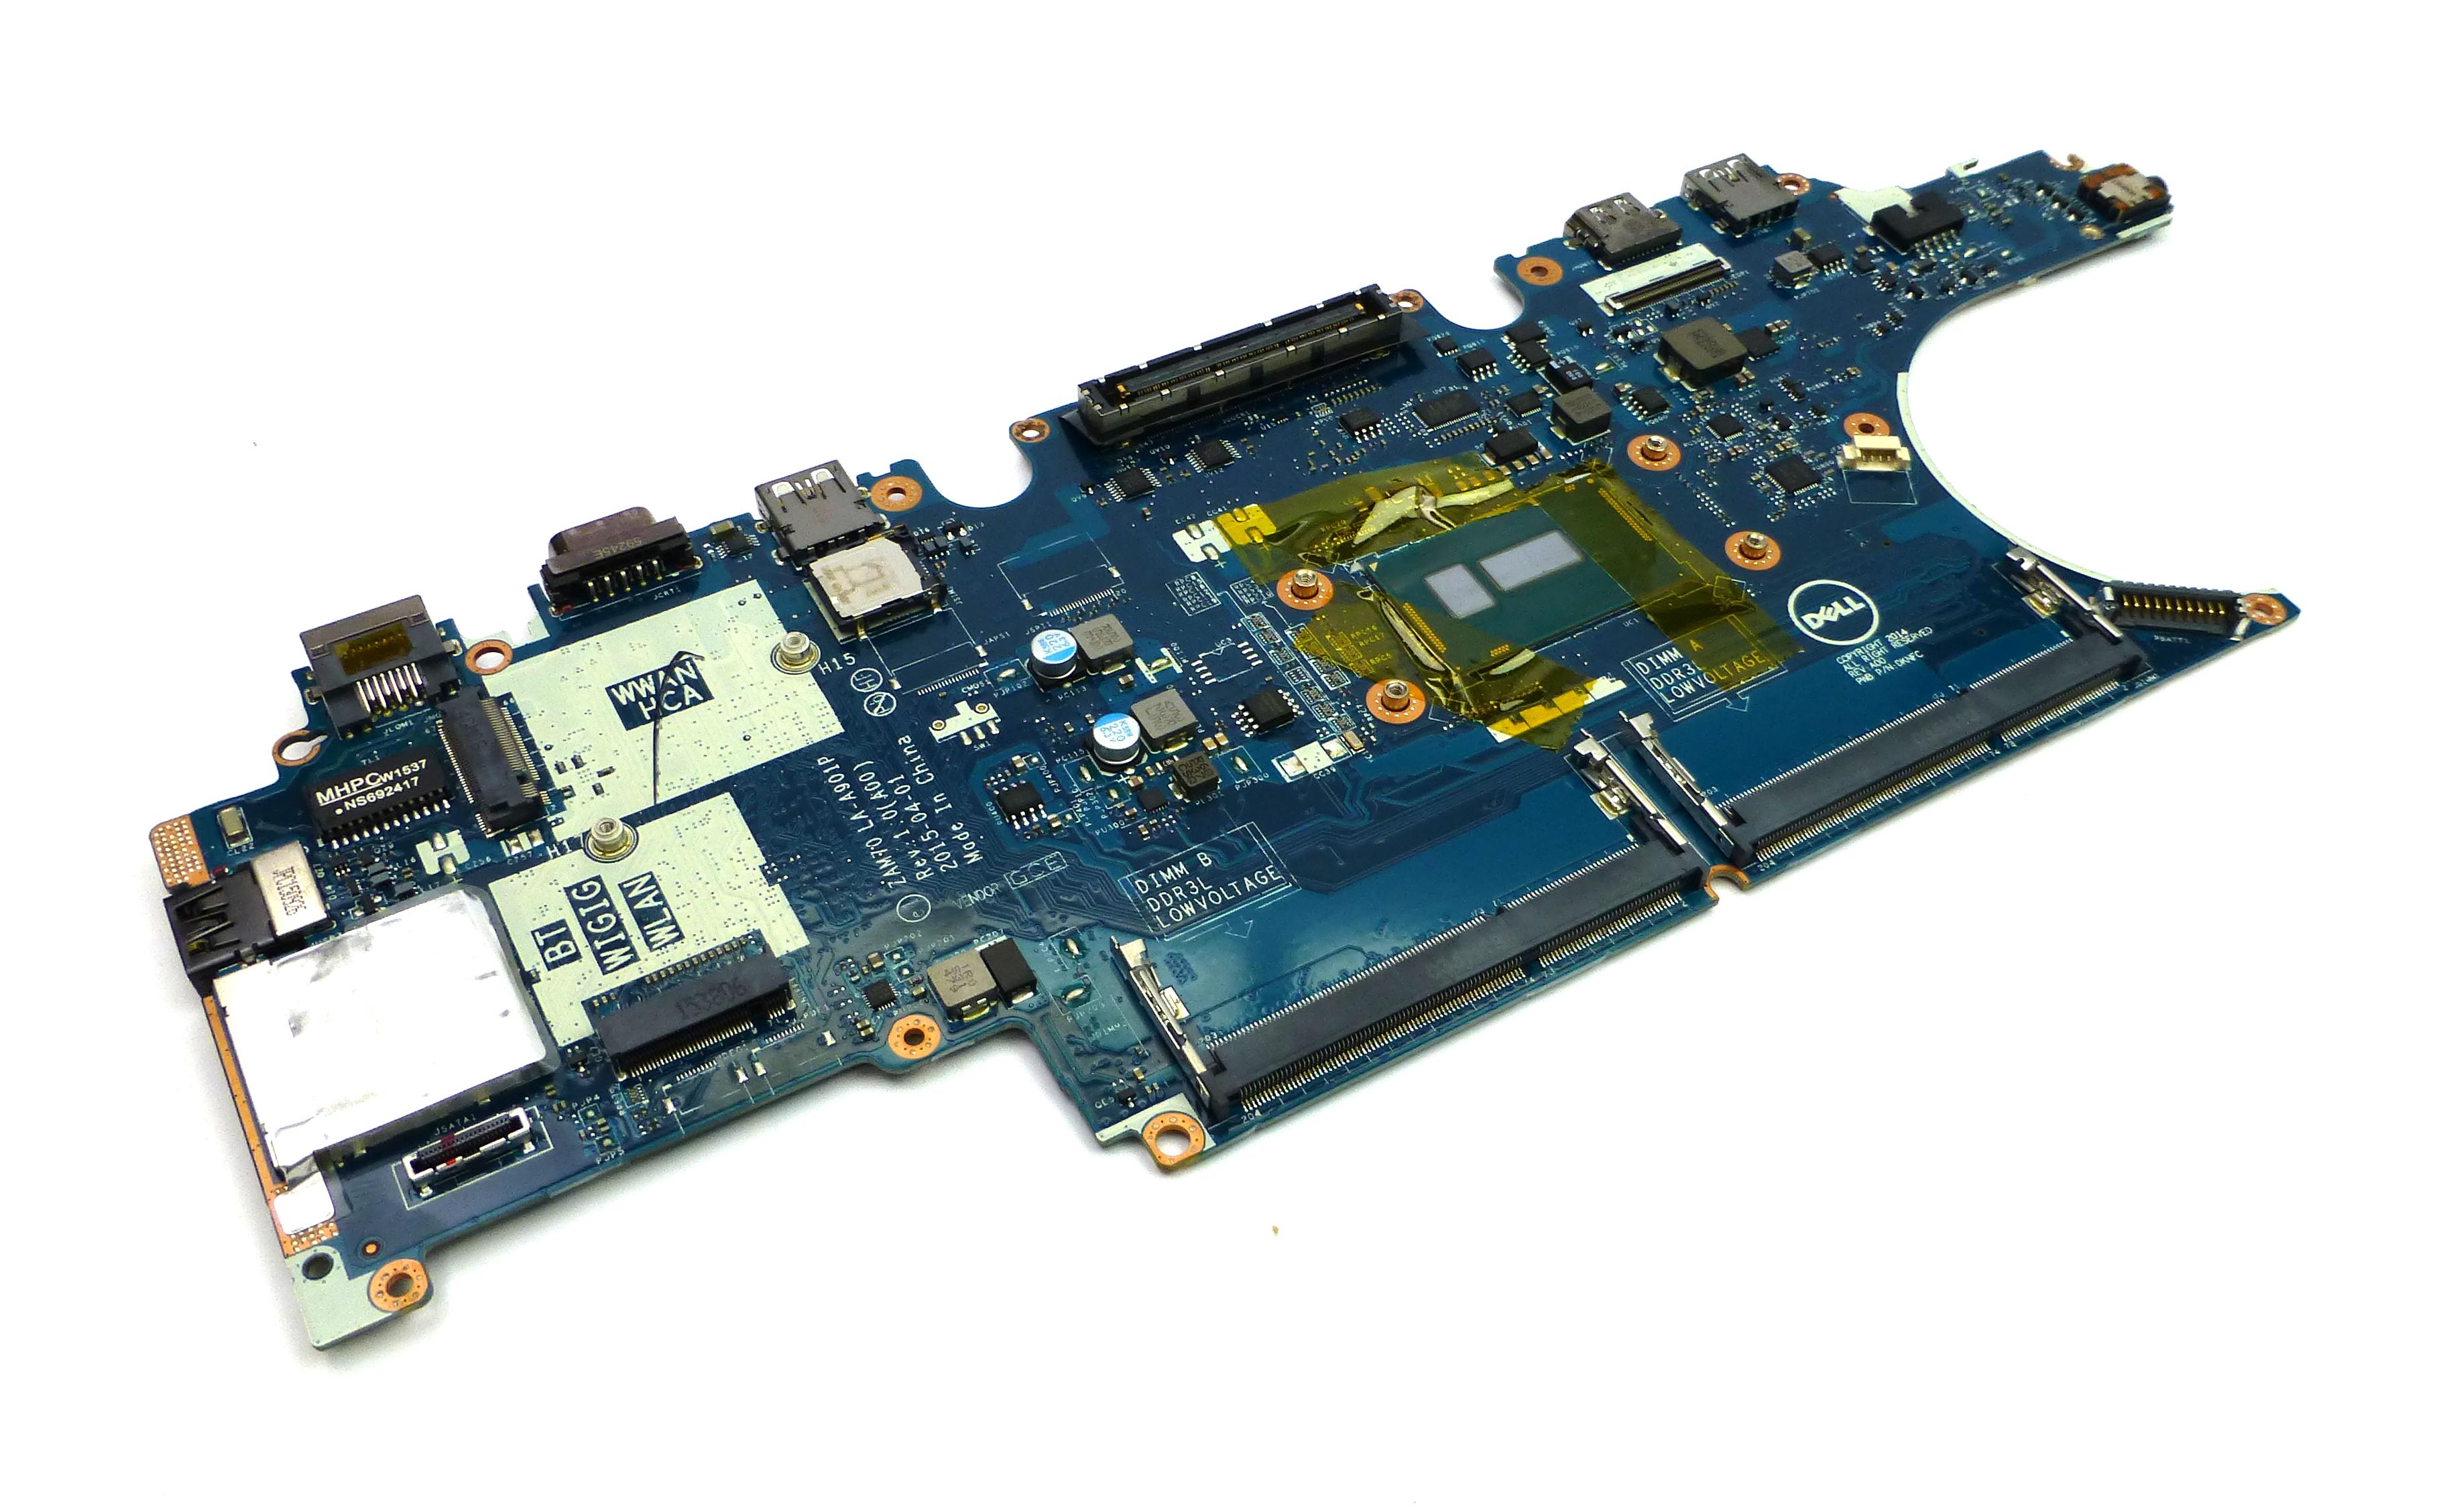 Dell PVYKY Latitude E5450 Motherboard w/ Intel Core  i3-5010U 2.1GHz CPU